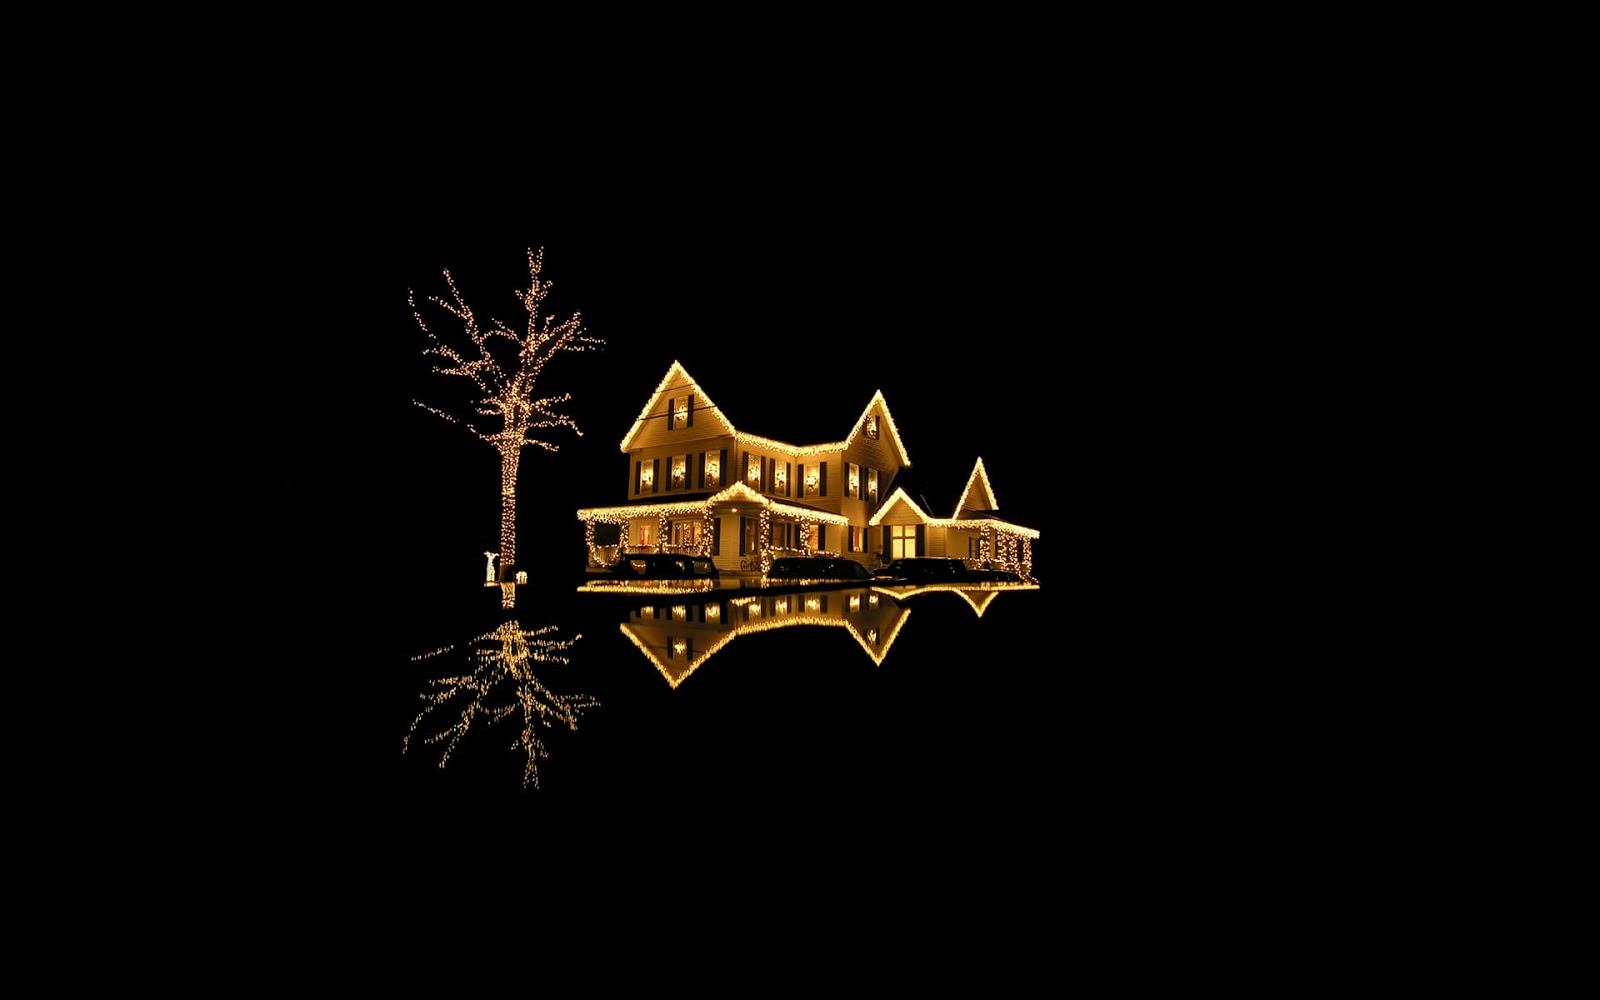 luci di natale, albero illuminato, casa illuminata, notte, buoi, nero